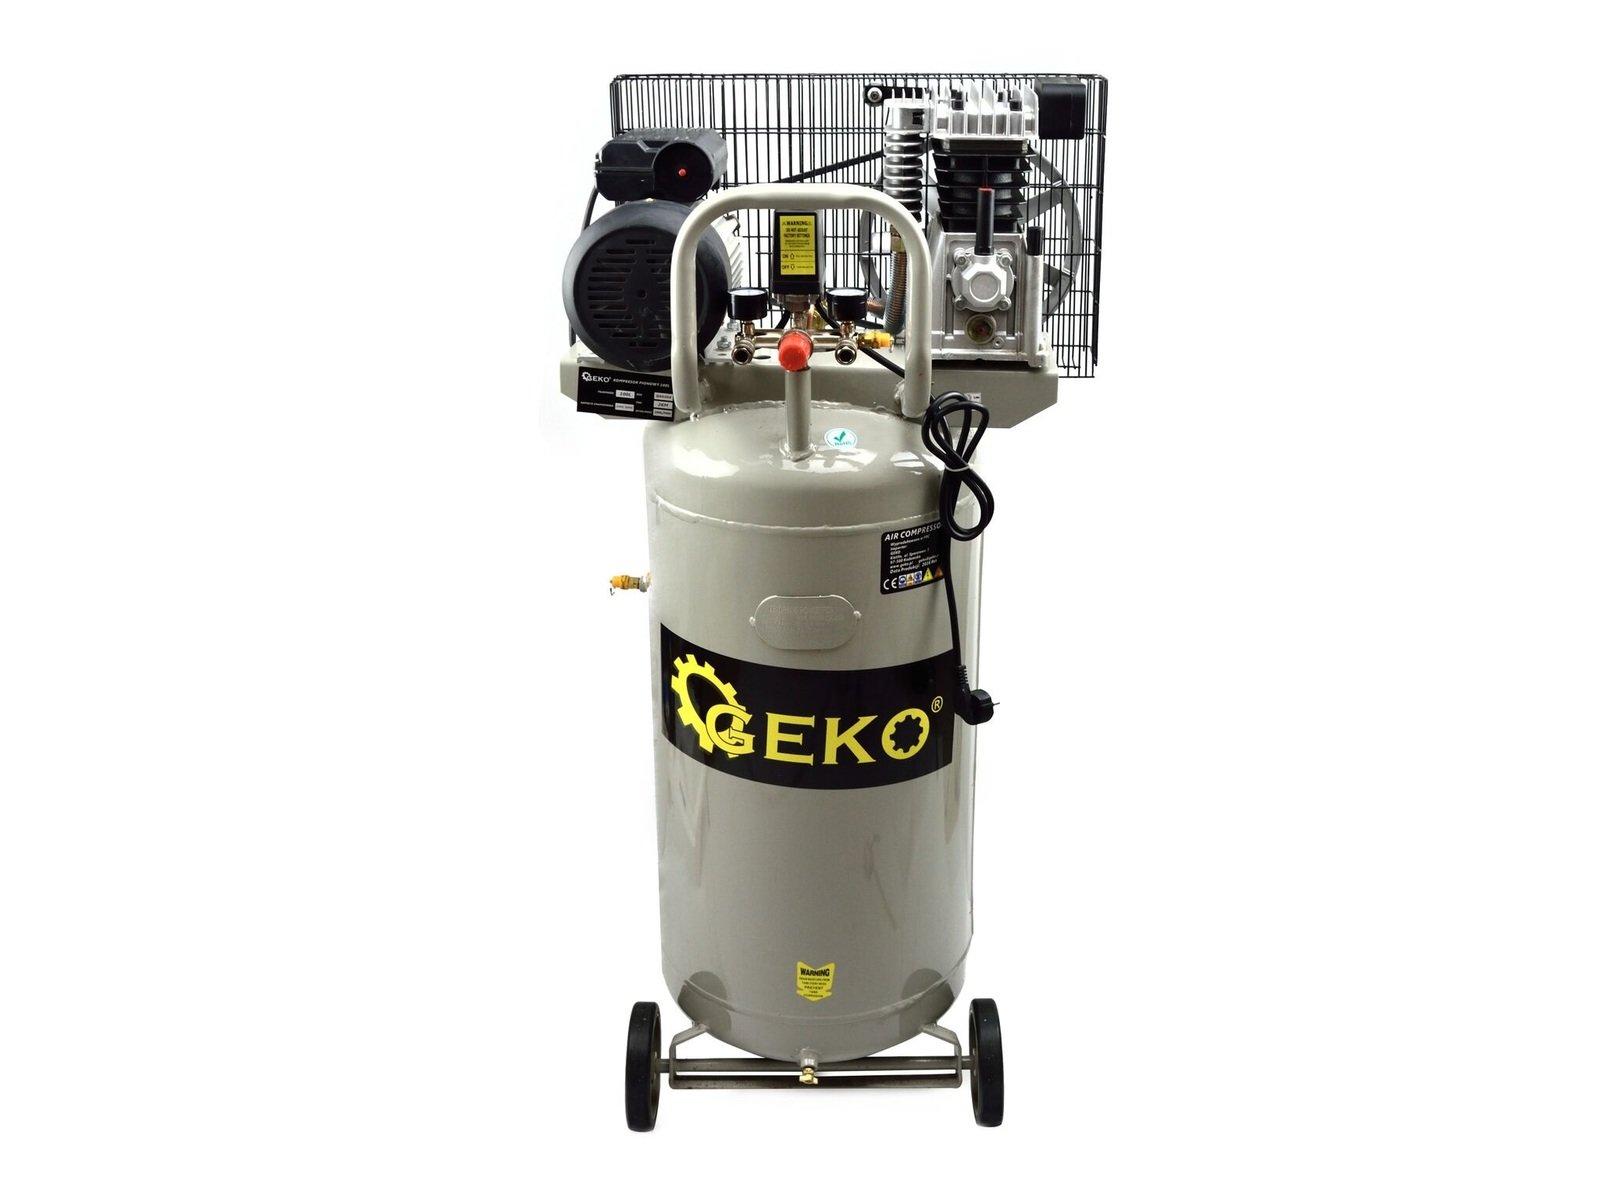 Olejový vzduchový kompresor jednoválcový, vertikální, 100 l, 230V